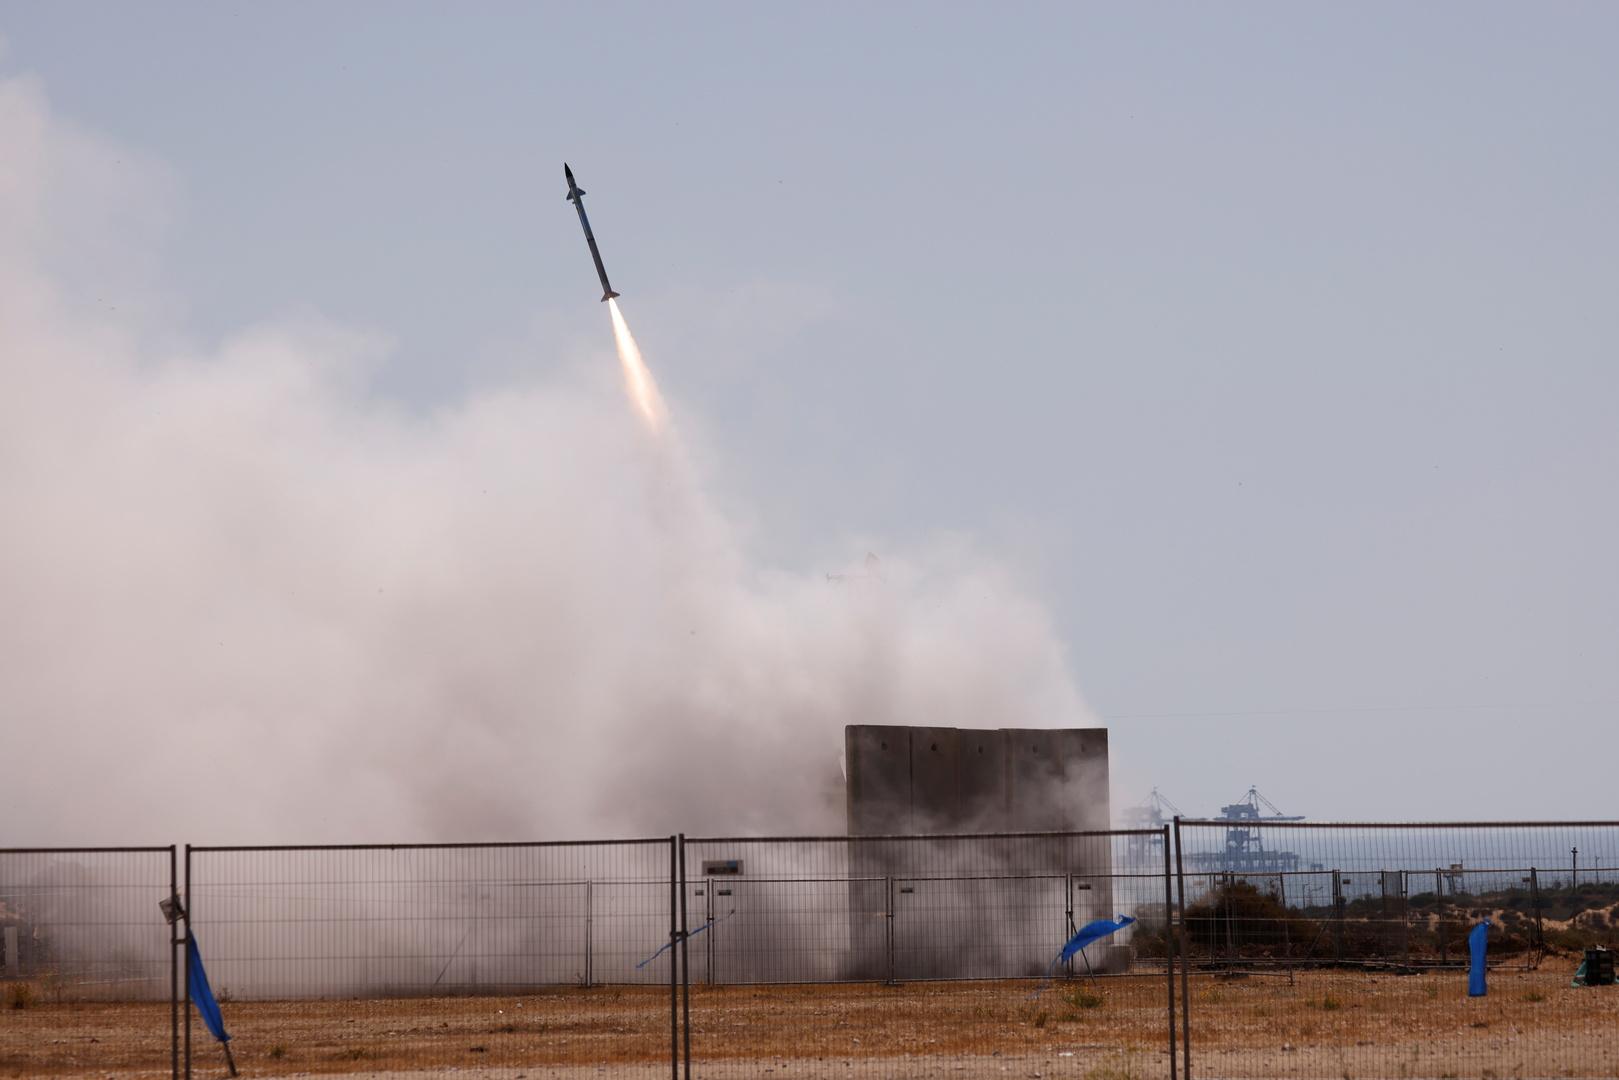 ألوية الناصر صلاح الدين تقصف مدينة عسقلان برشقة صاروخية من طراز غراد